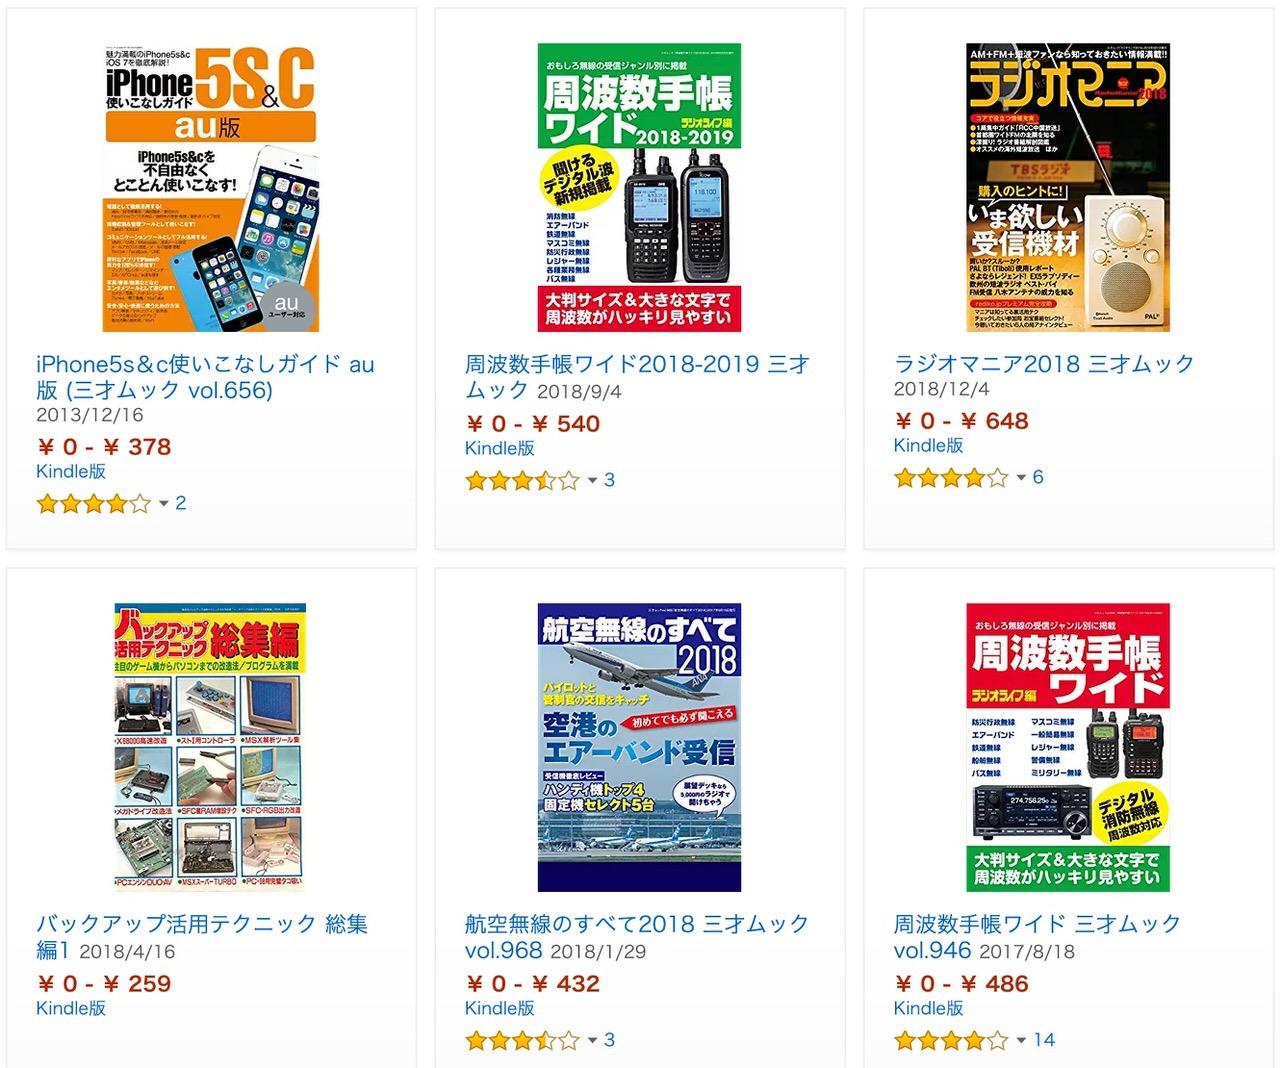 【Kindleセール】50%OFF「三才ブックス ガジェット本フェア」バッ活にラジオマニア(1/31まで)